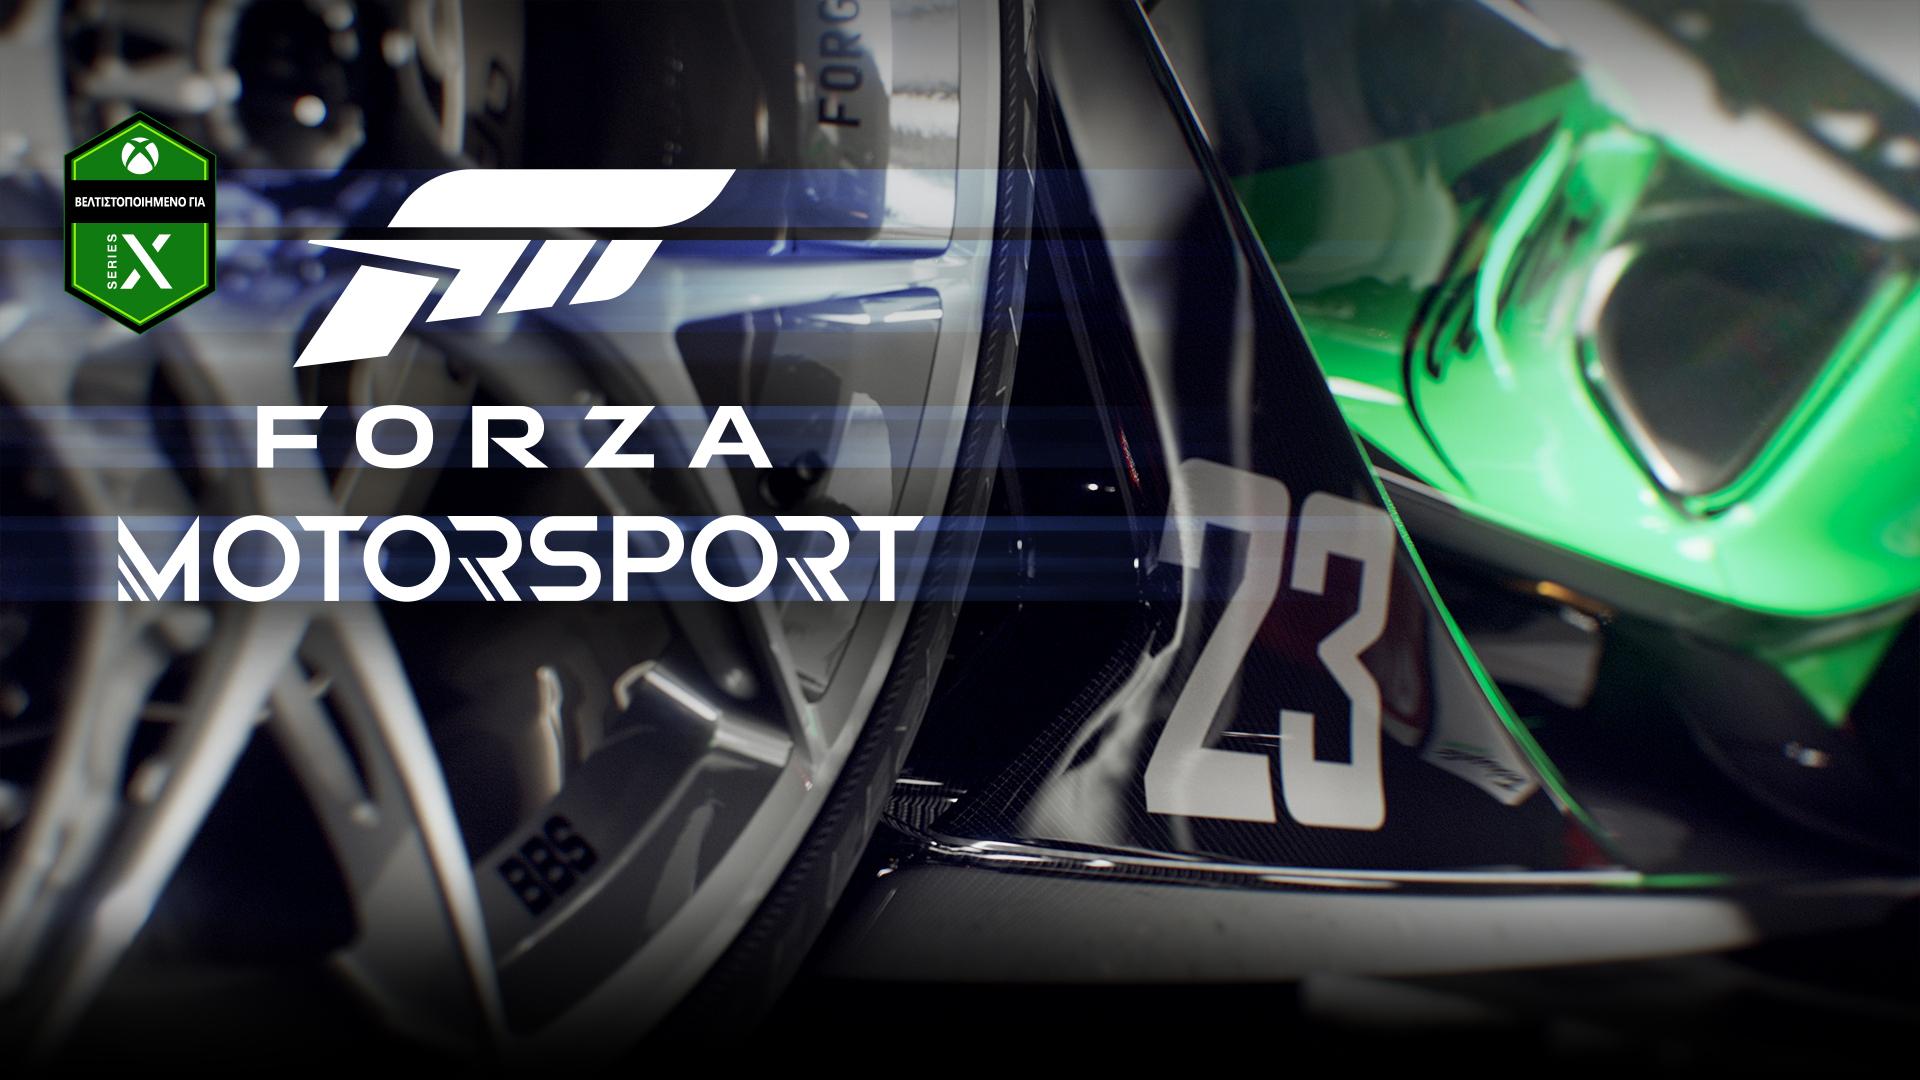 Βελτιστοποιημένο για Xbox Series X, Forza Motorsport, κοντινή όψη ενός τροχού